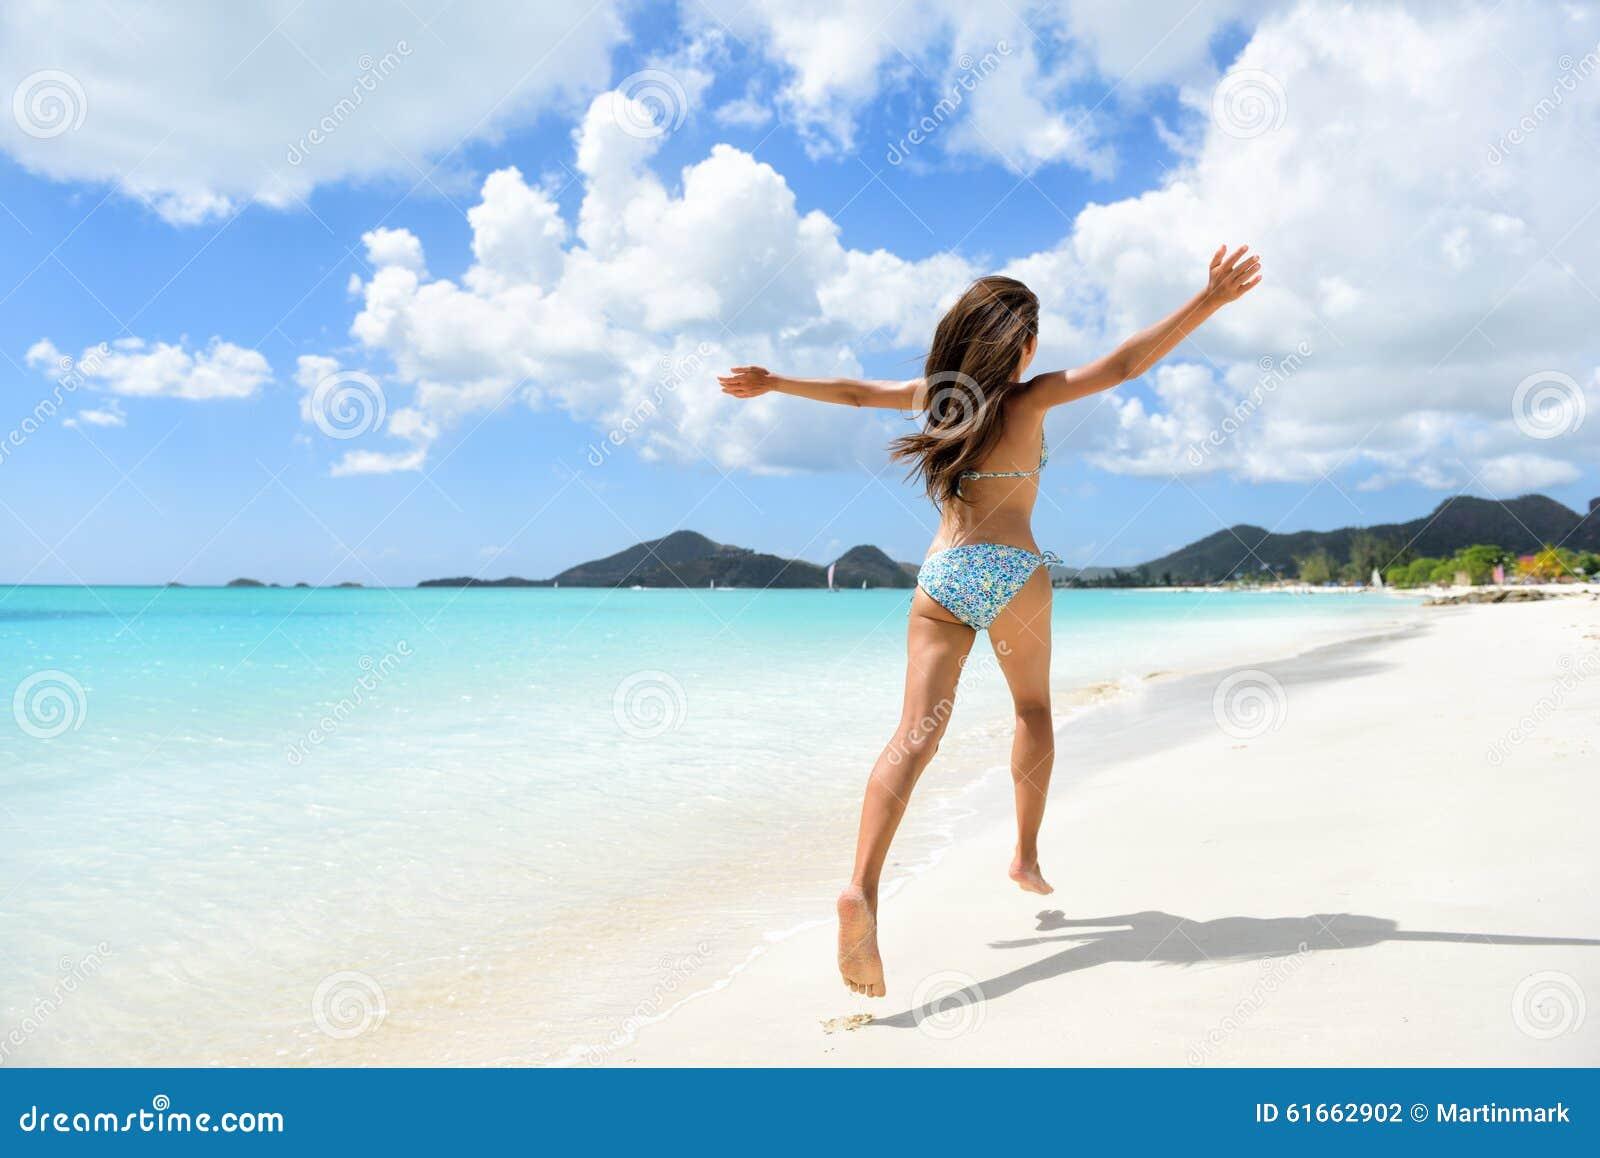 Loppstrandsemestern semestrar den lyckliga bikiniflickan